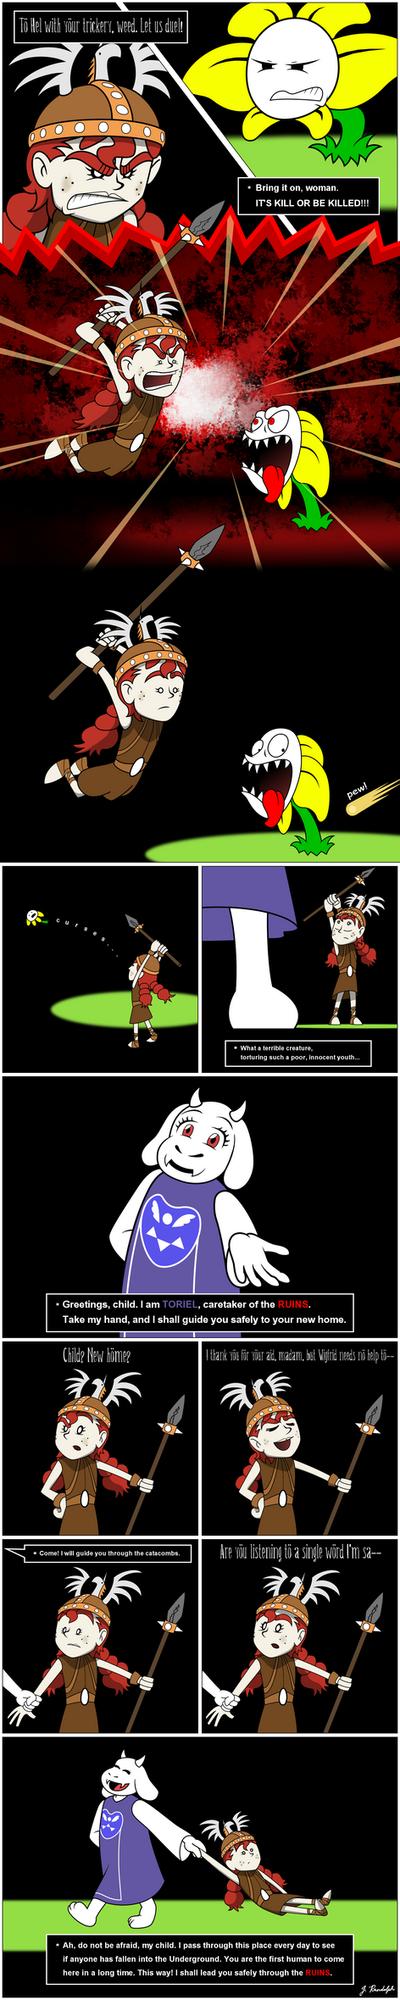 Wigfrid in Undertale - page 4 by Arrog-Ent-Alien